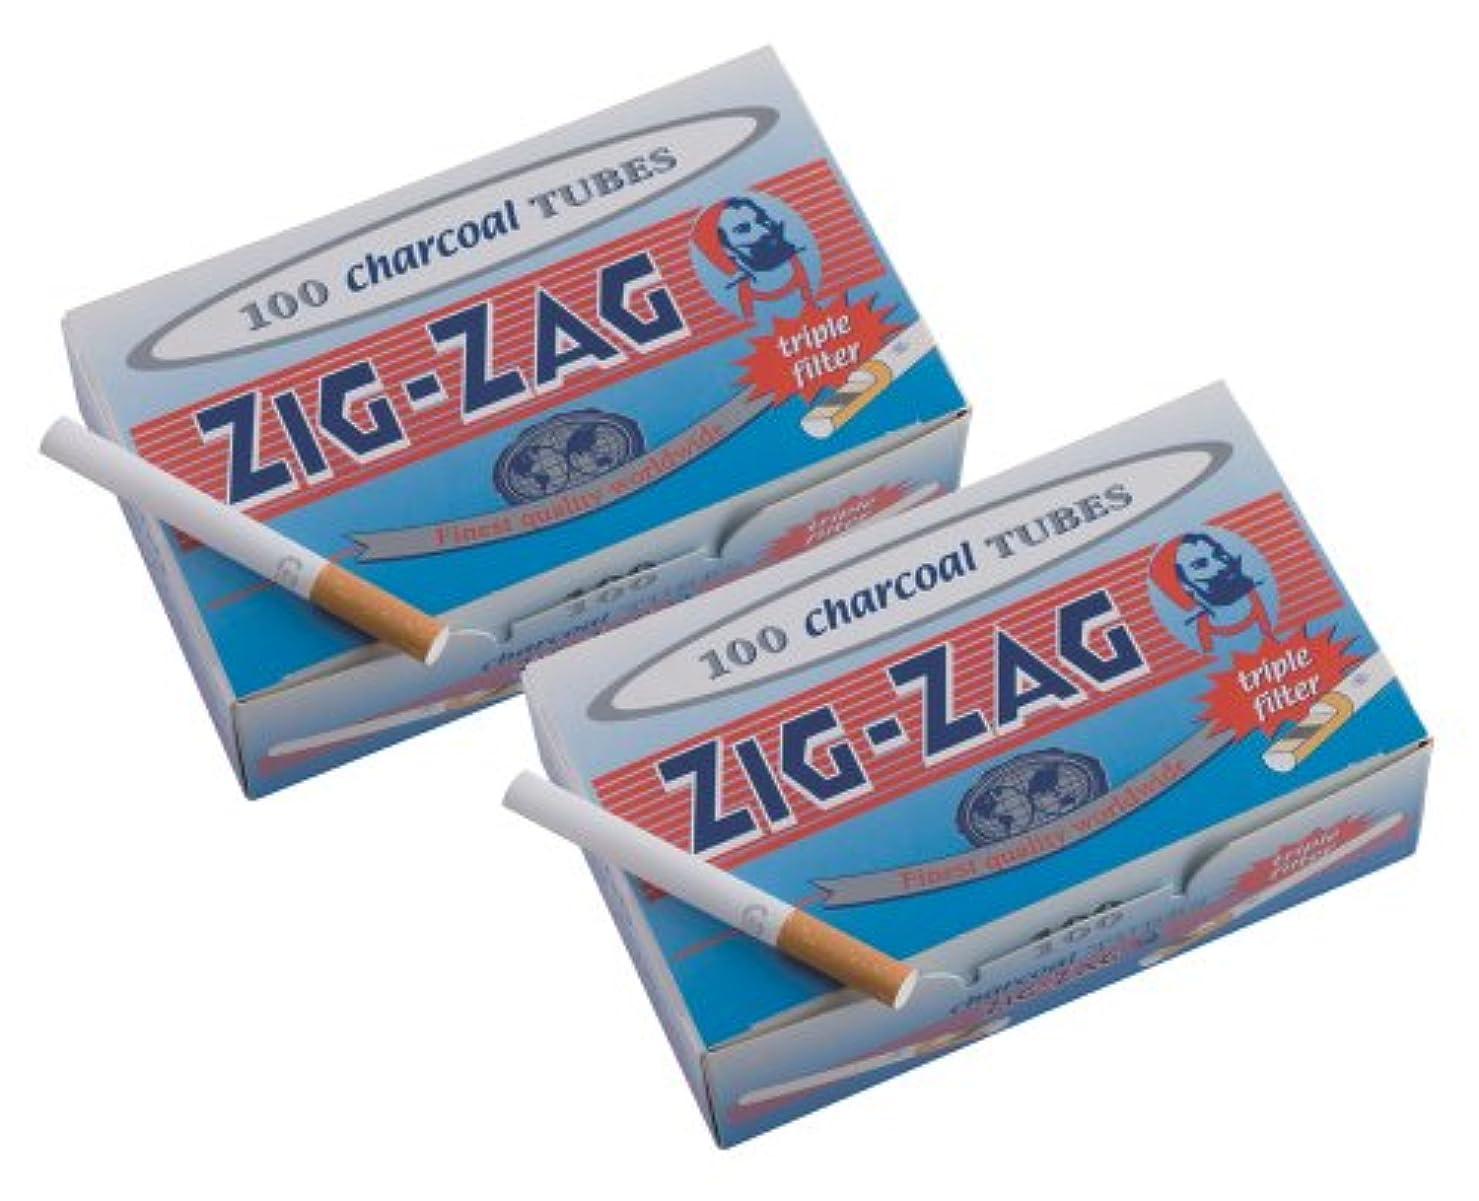 ピクニックハロウィンかける柘製作所(tsuge) 手づくりシガレット用 フィルター付きチューブ(さや紙) ジグザグ レギュラーチャコールチューブ [100本入り] #78874 ×2パック